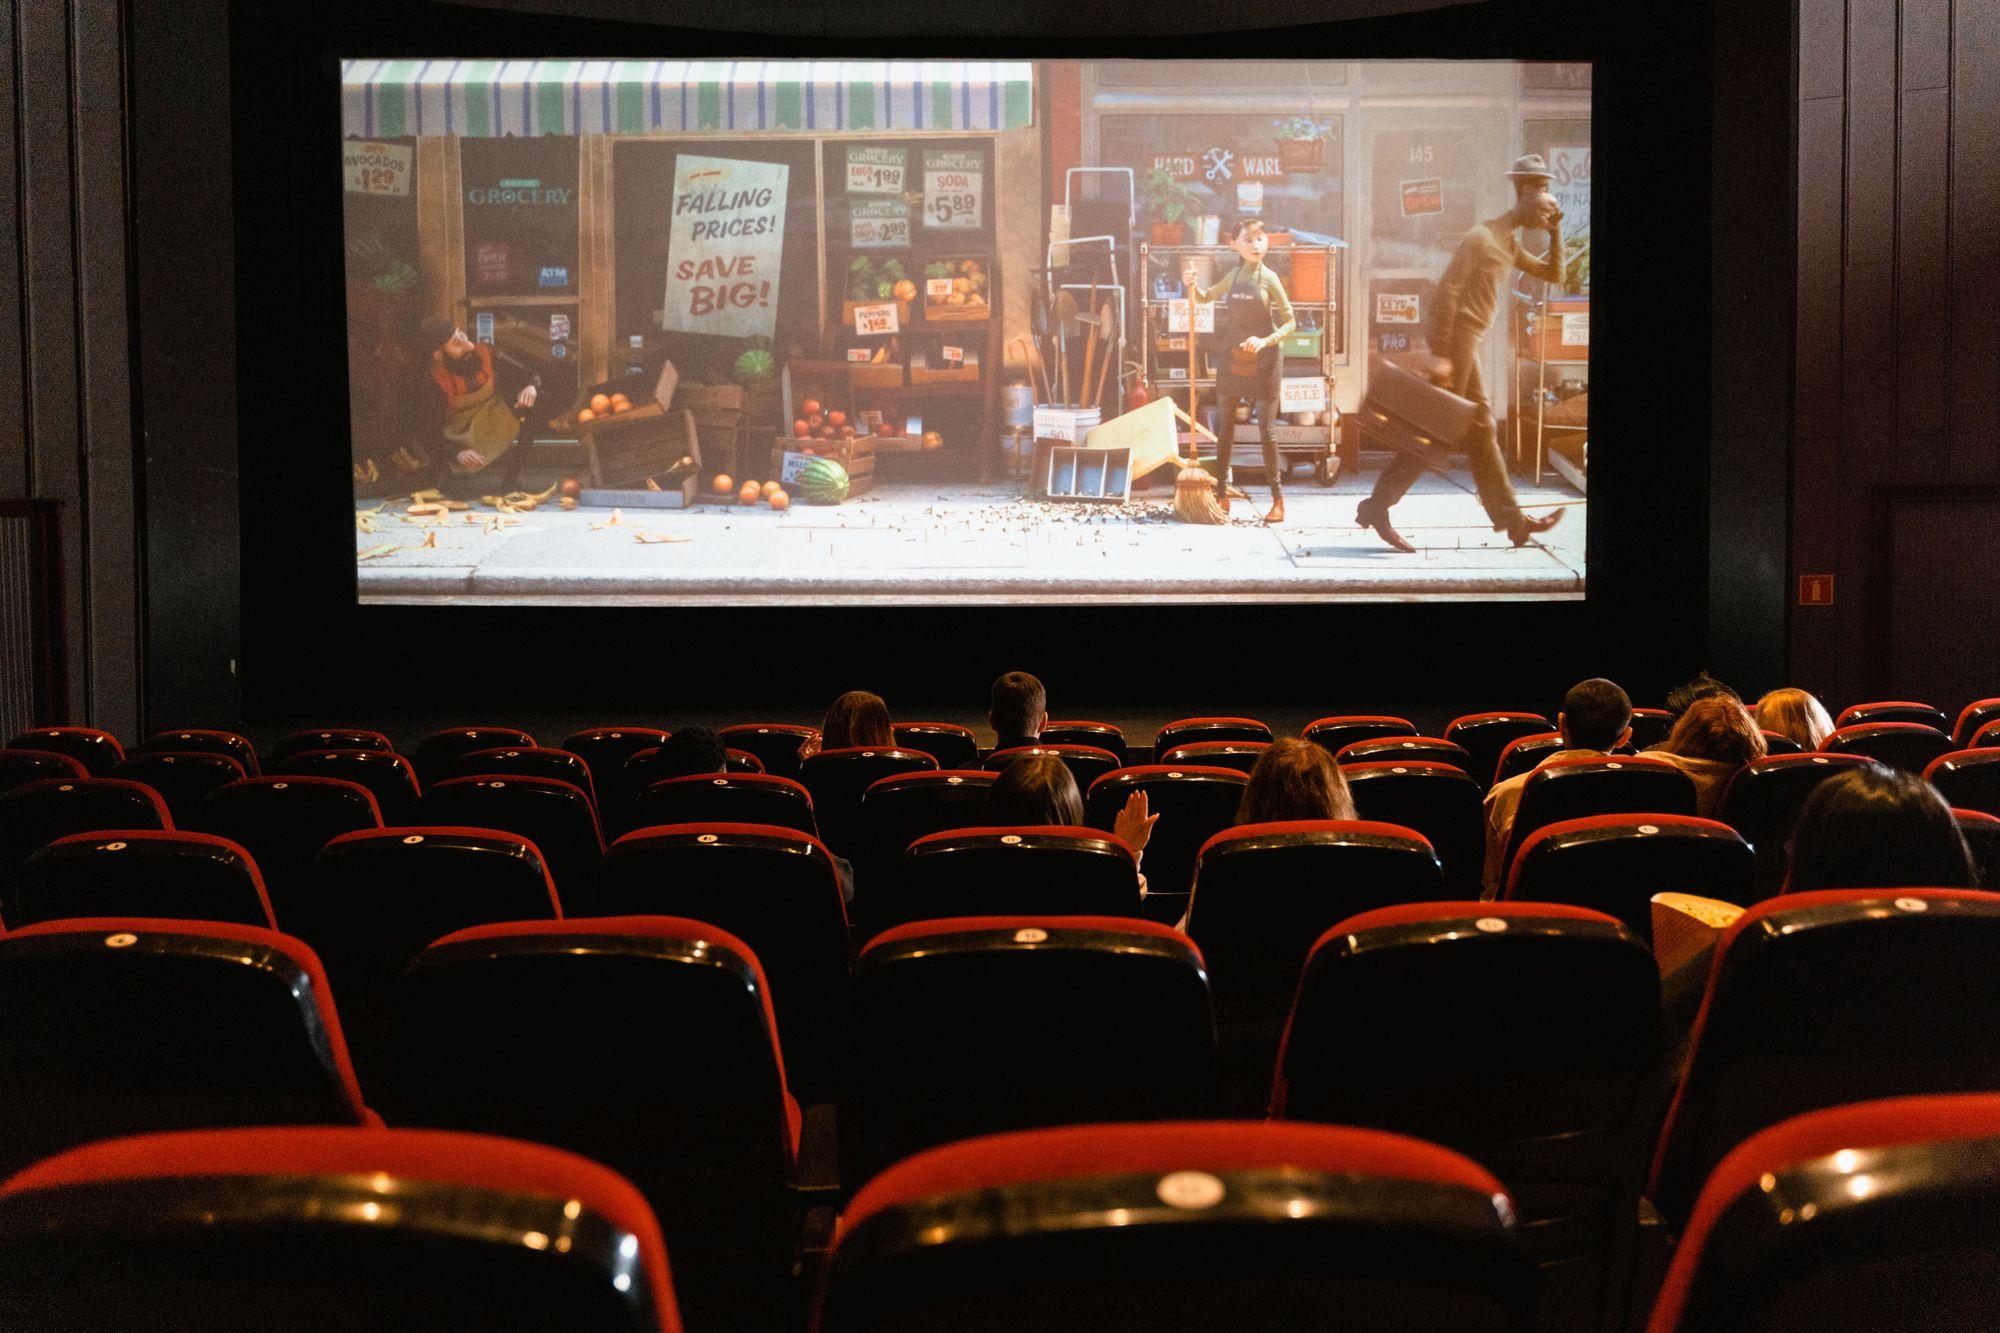 Chiaroscuro's break into cinema